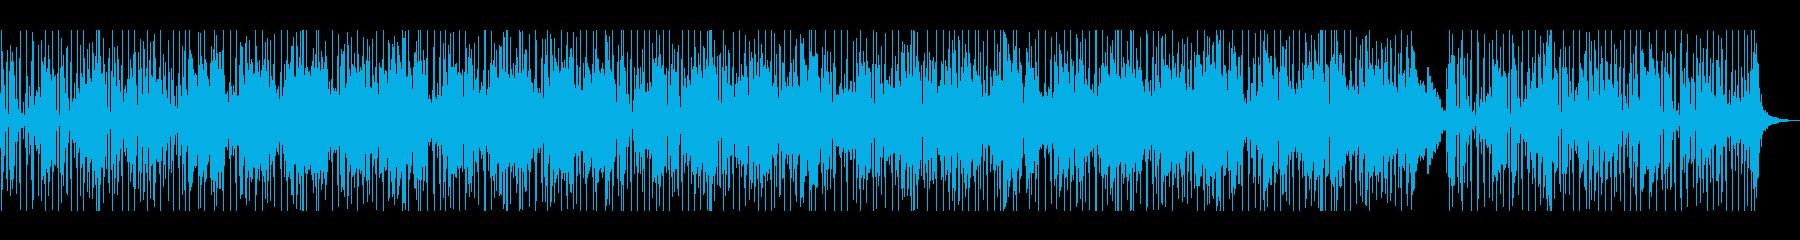 神秘的な雰囲気のメロディーが印象的な楽曲の再生済みの波形